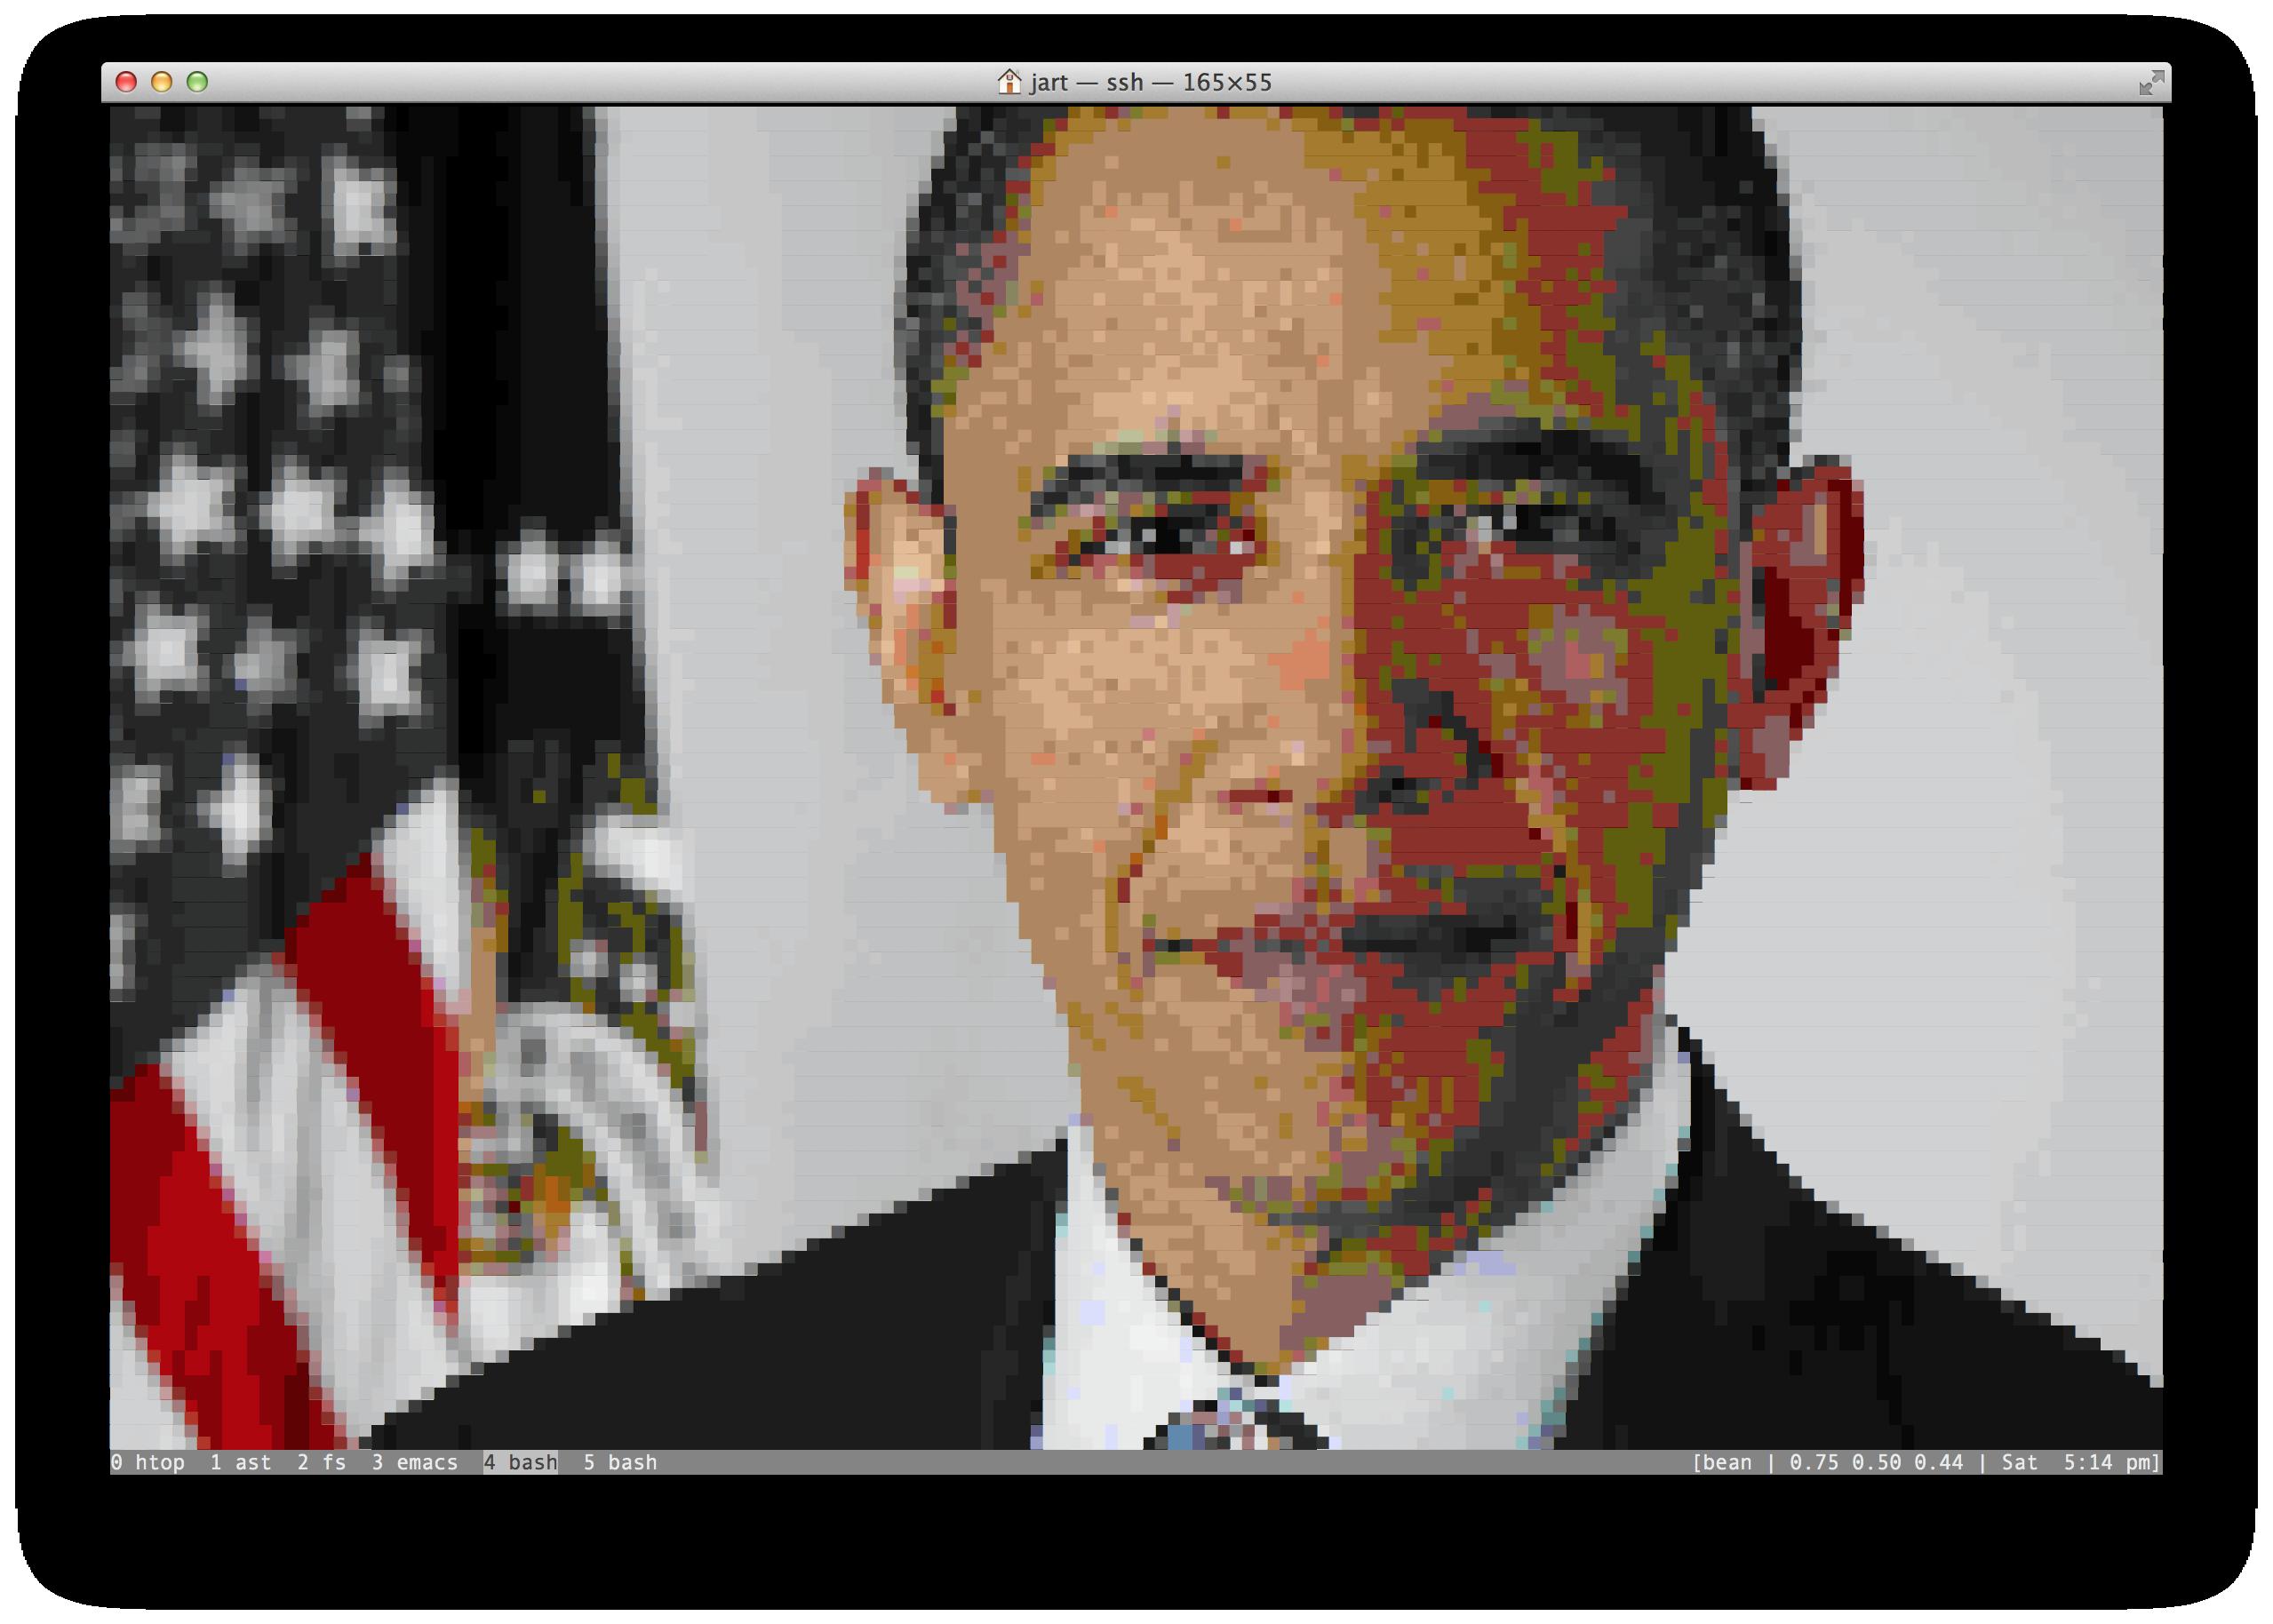 Obama in Macterm